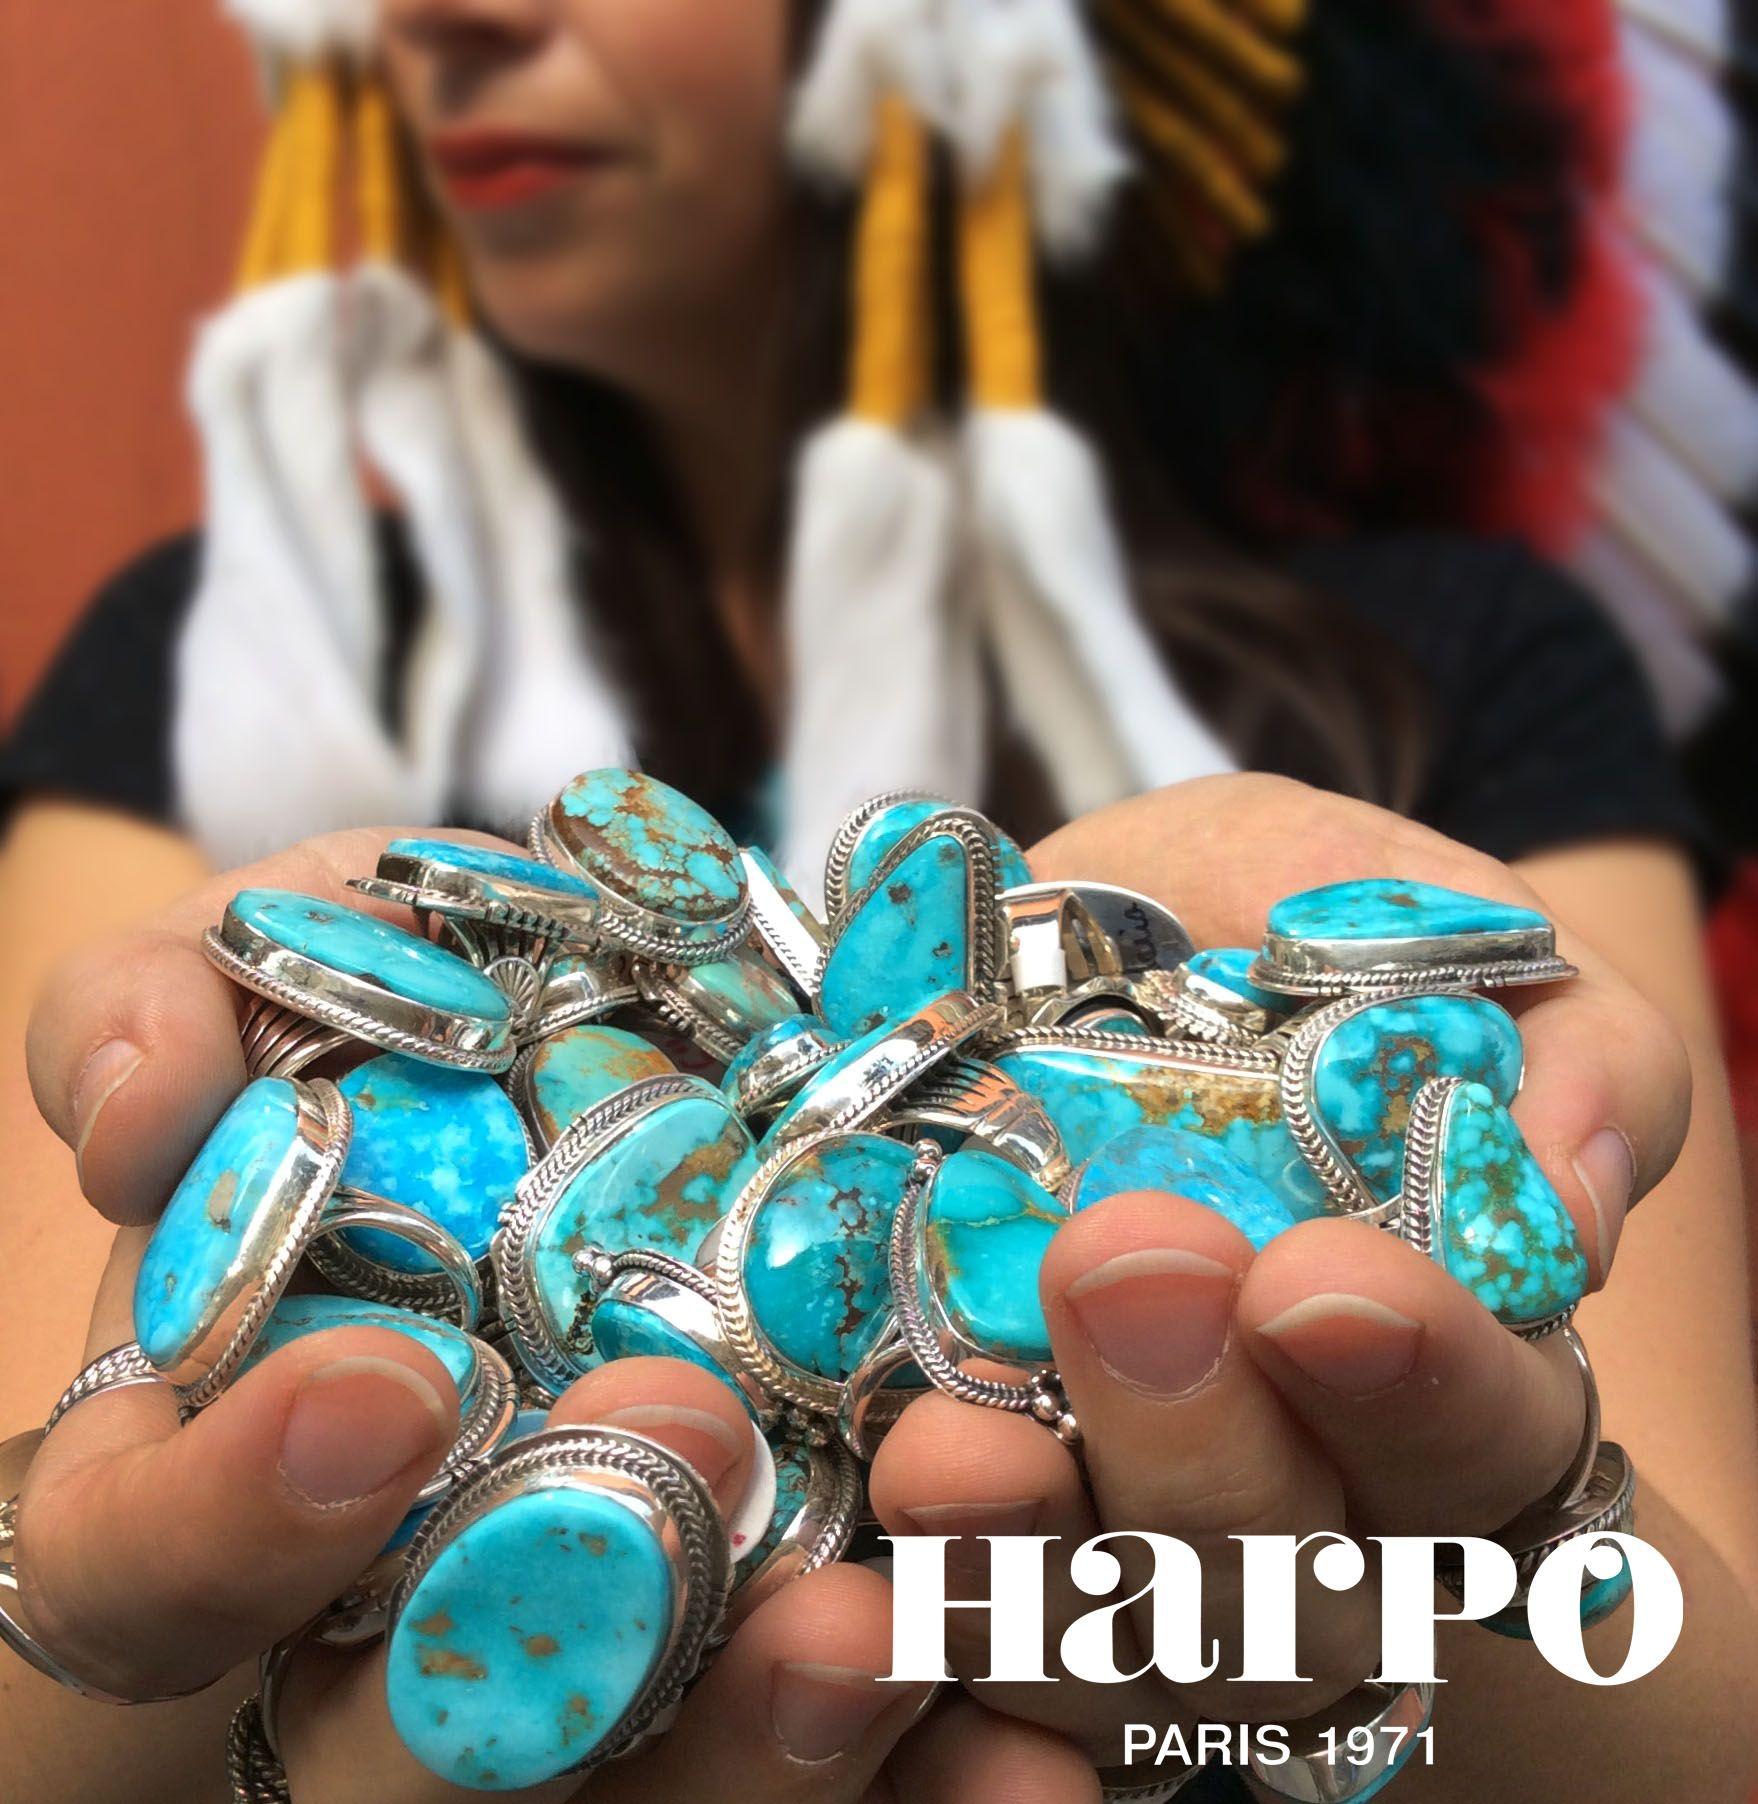 8df0bdbe0a1 Boutique en ligne Harpo. Découvrez notre collection de bijoux en argent et  en turquoise amérindienne